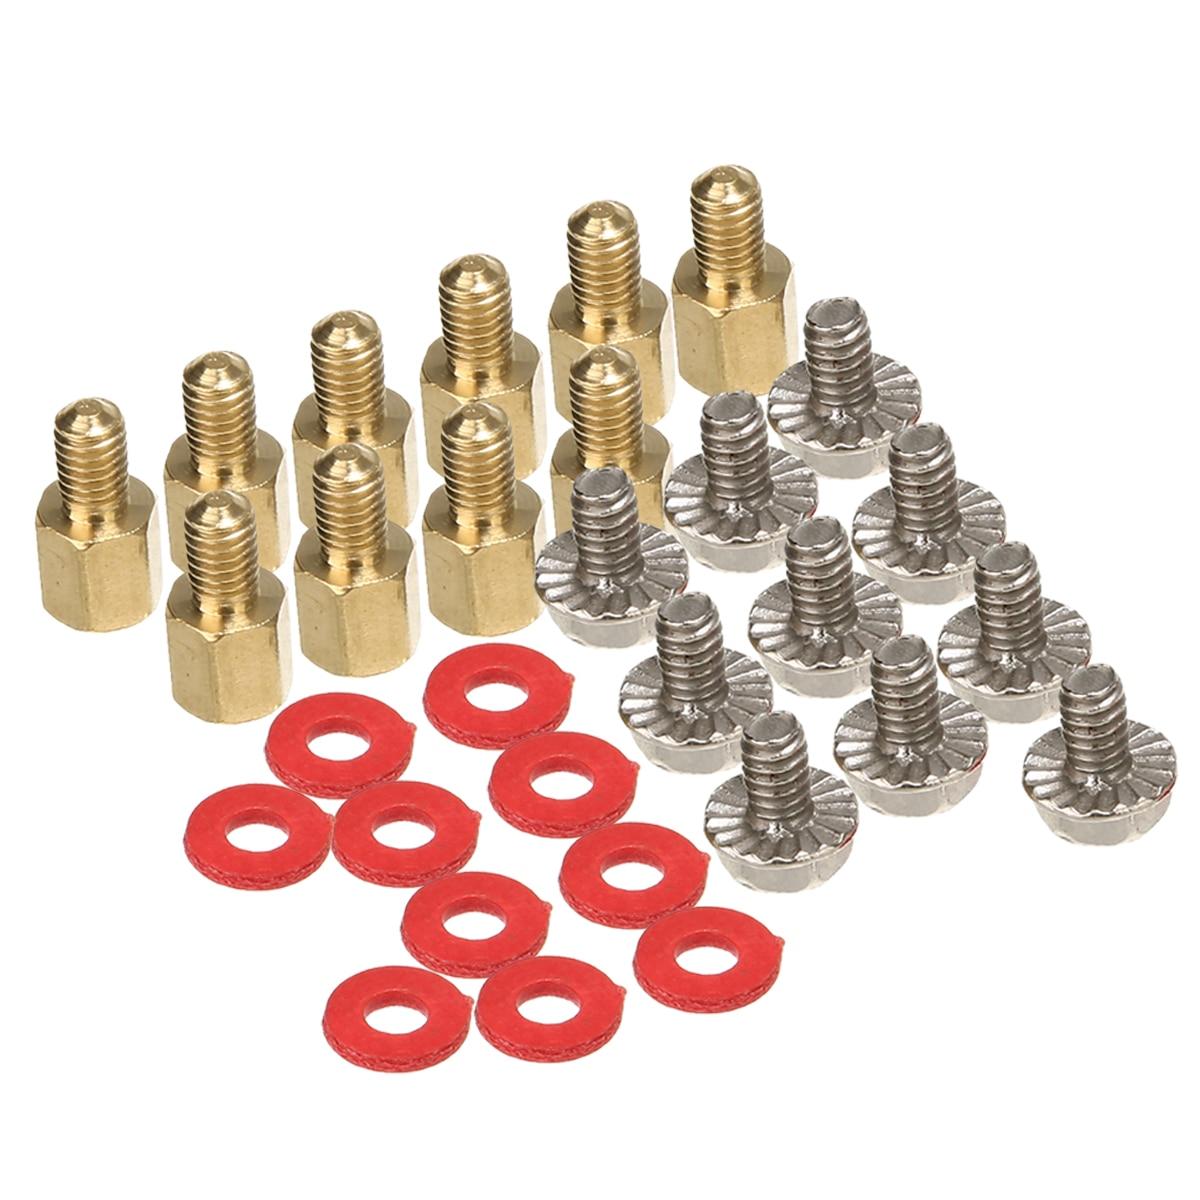 10 pces 6.5mm 6-32-m3 computador placa-mãe de ouro riser + parafusos de prata + arruelas vermelhas